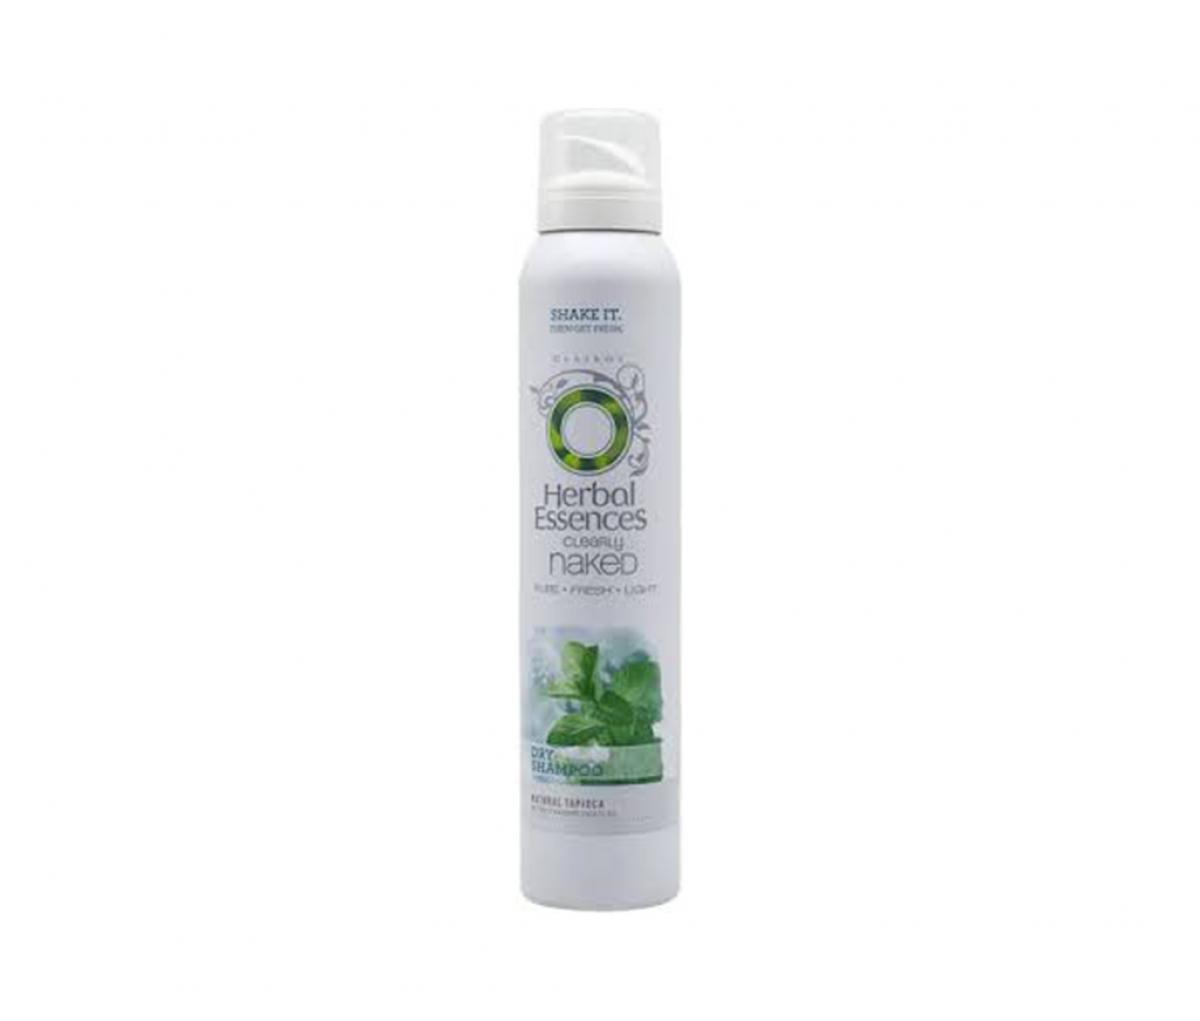 Herbal Essences  C/ Naked  Dy Shampoo